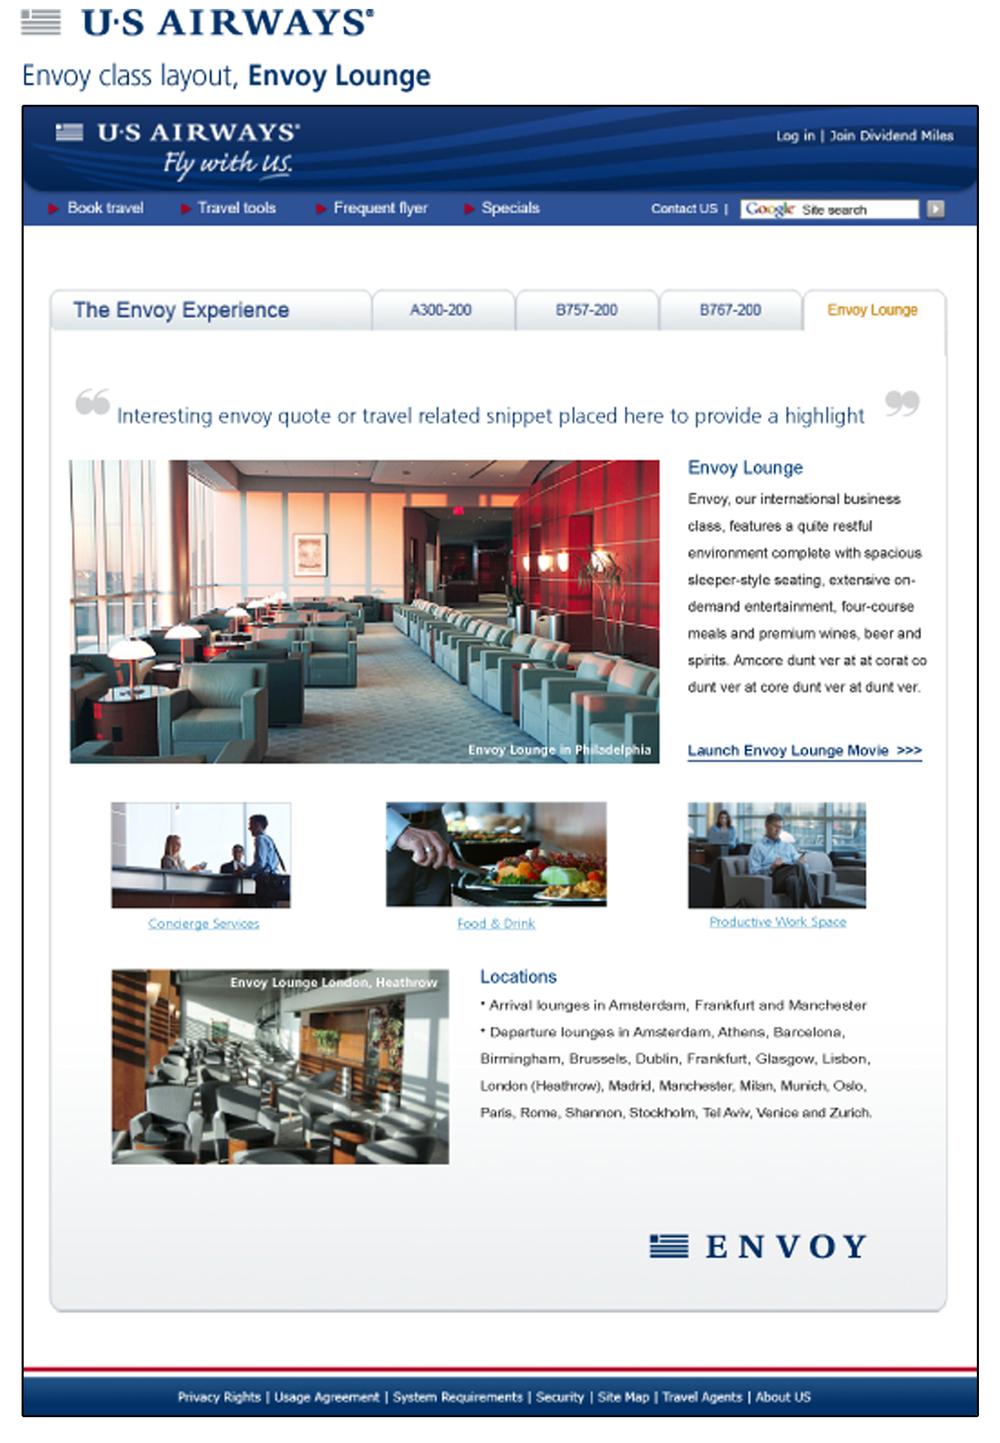 UI-Design-for-Envoy-Landing-Page-4.jpg